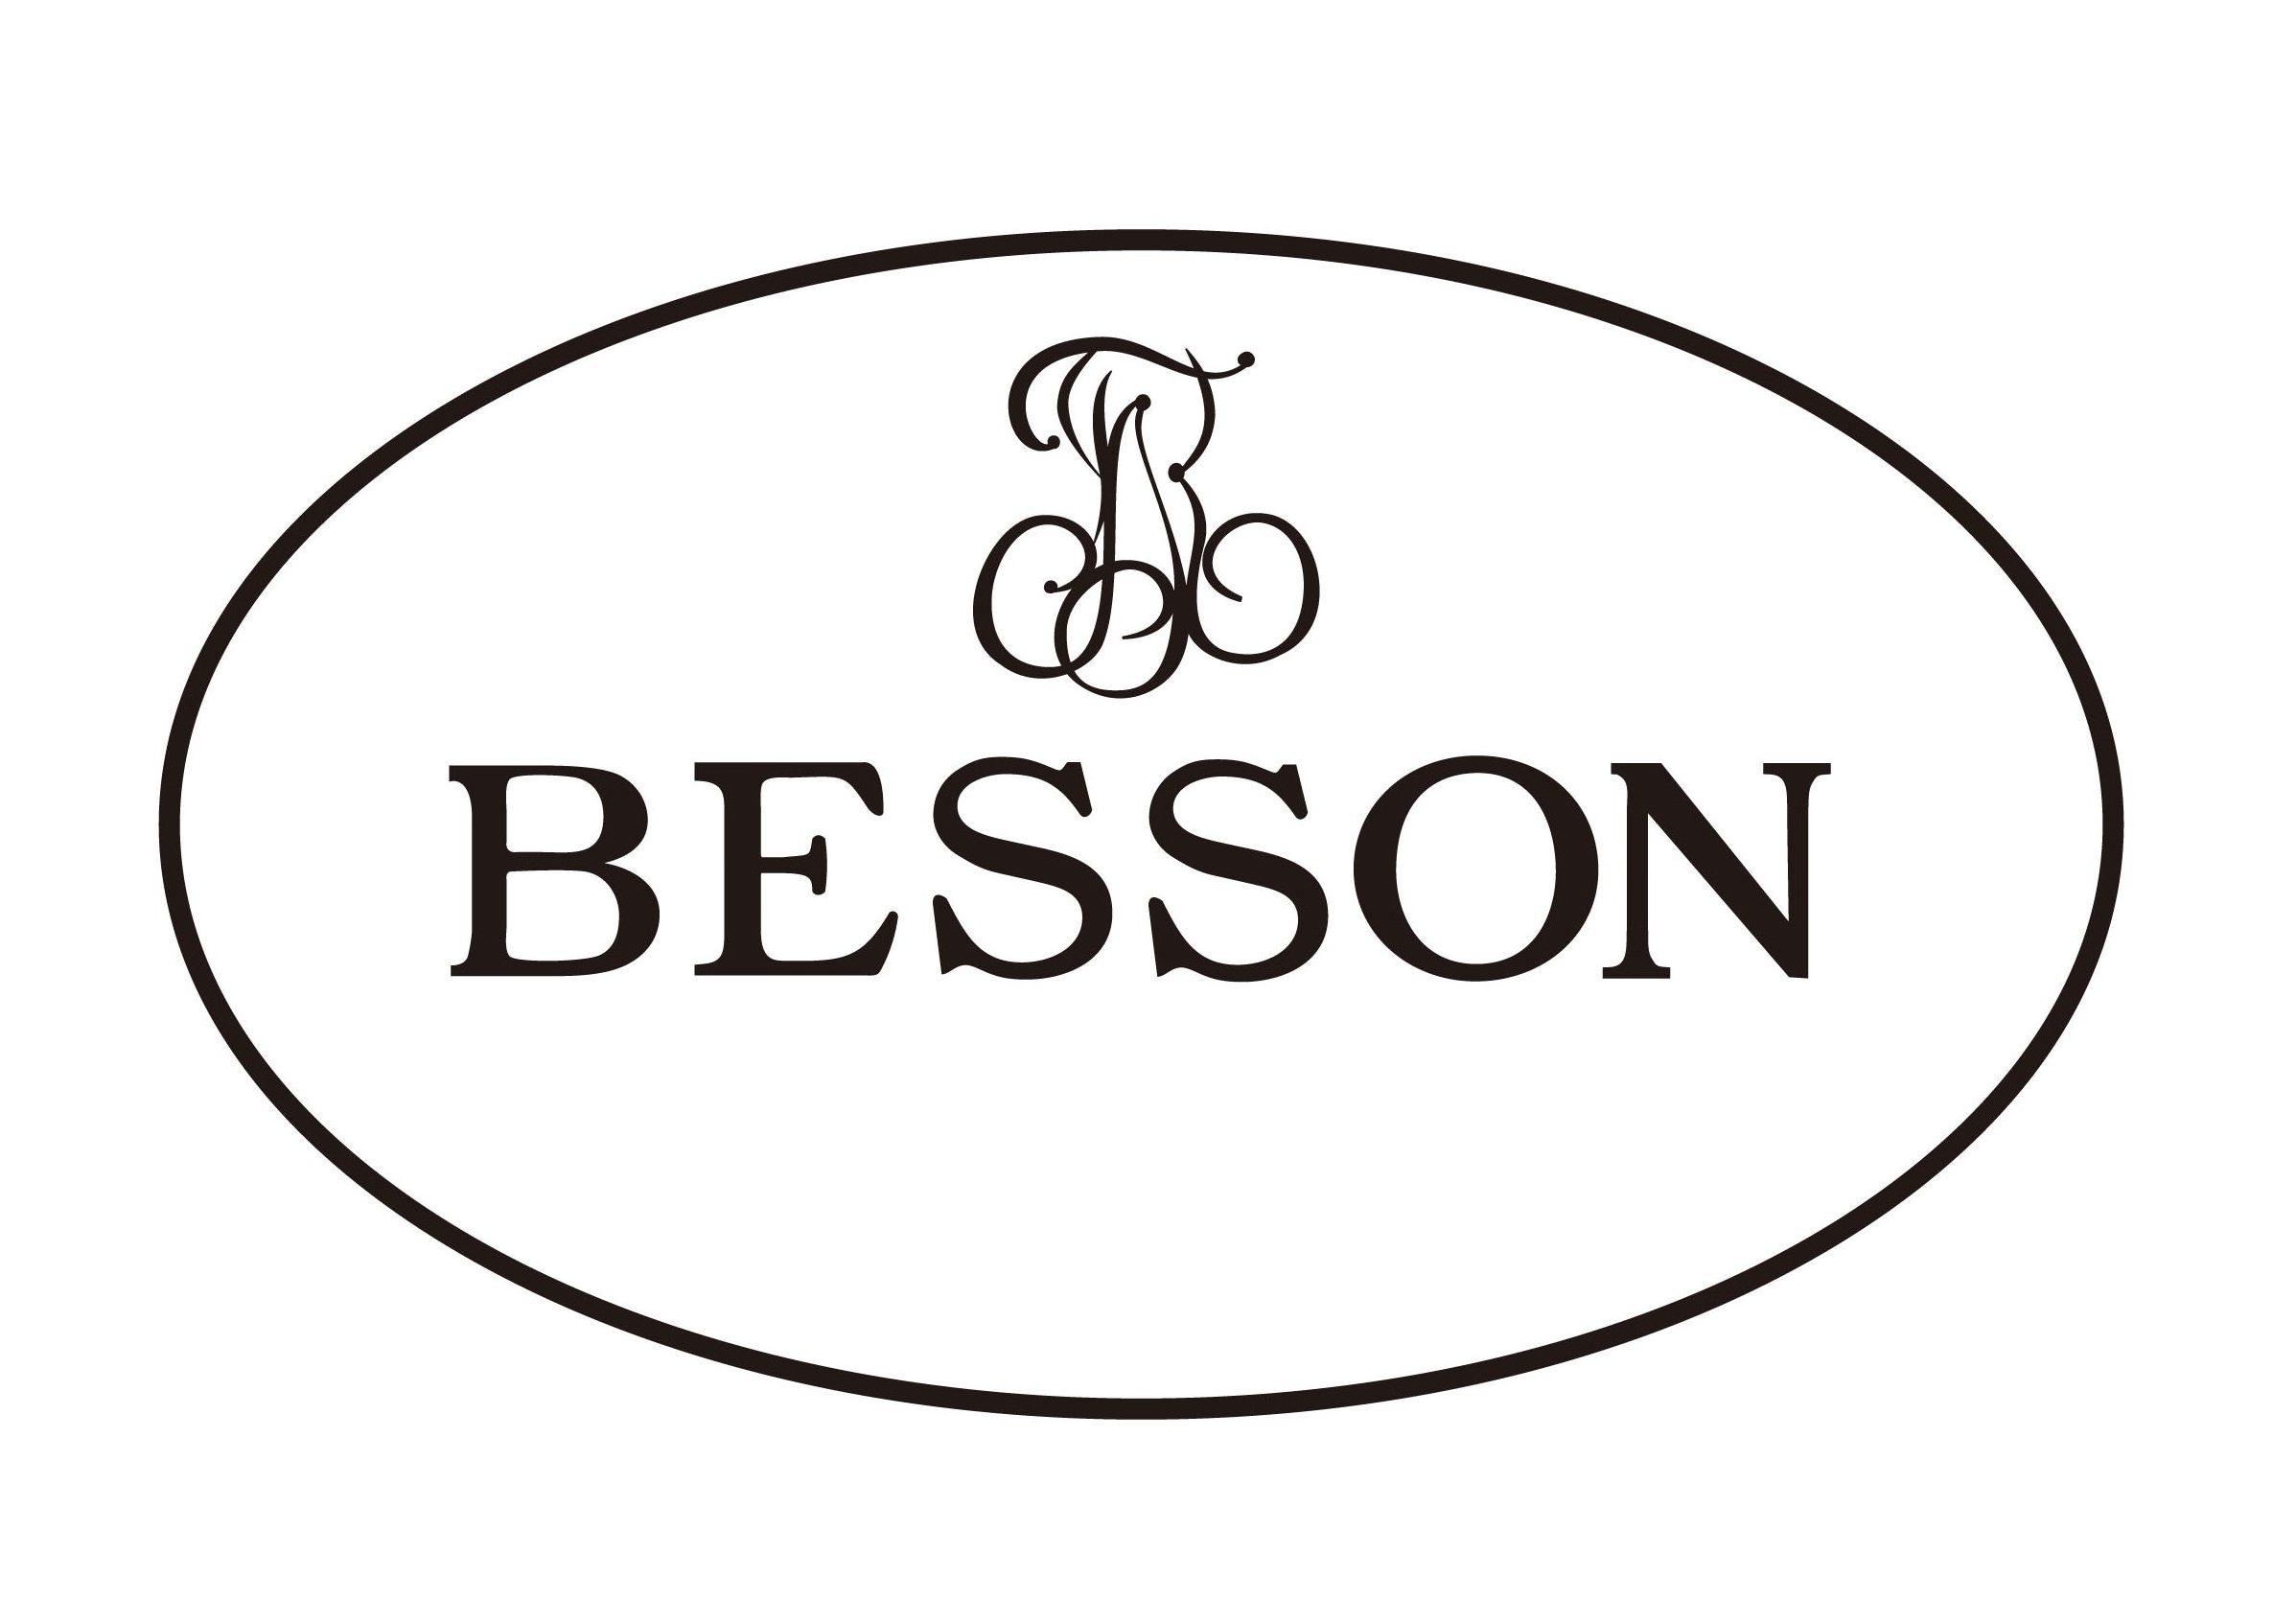 〈ベッソン〉ロゴ